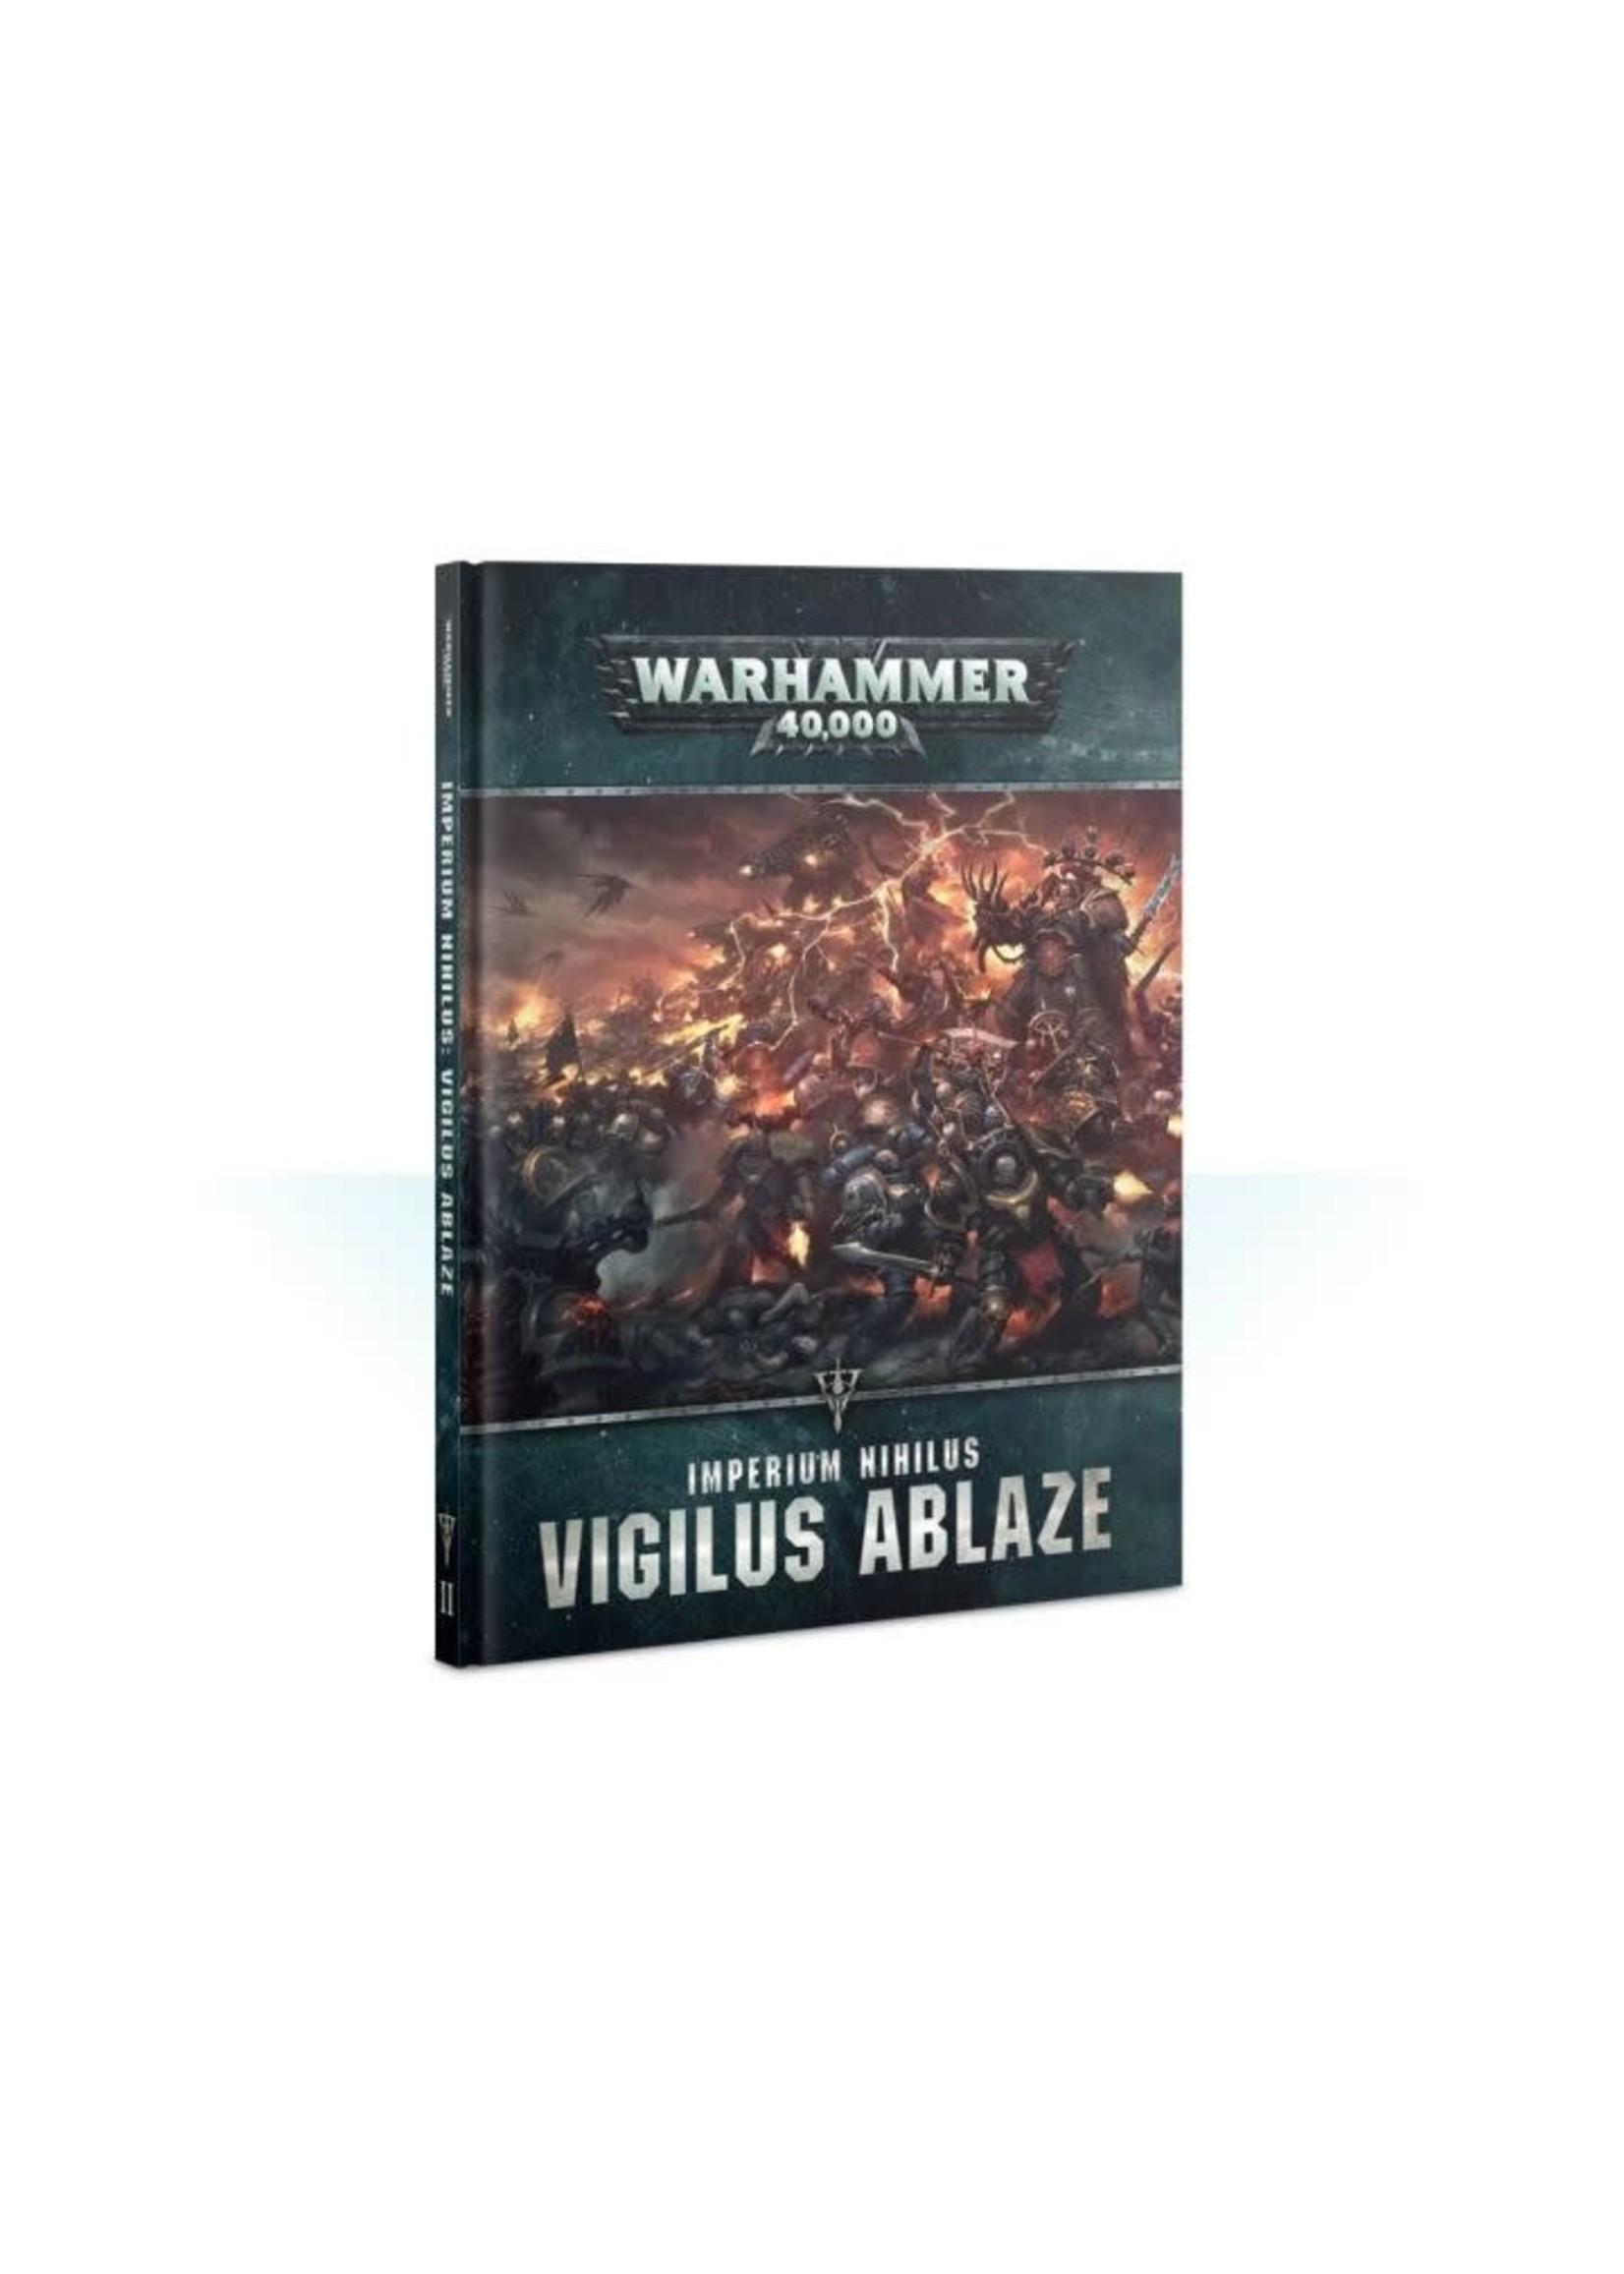 Imperium Nihilus: Vigilus Ablaze HB